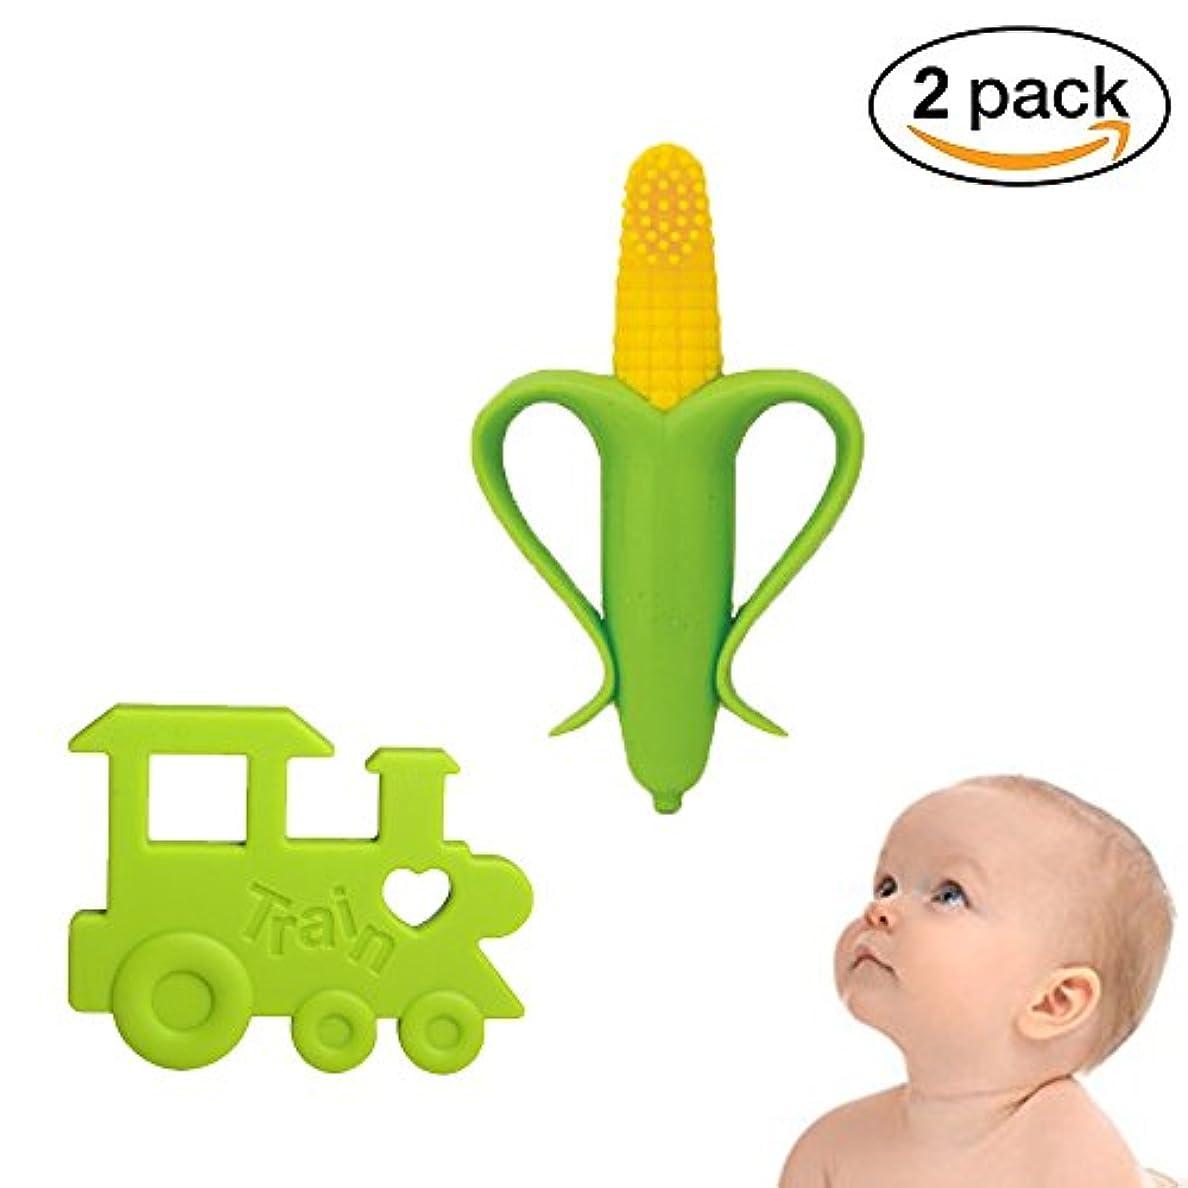 バングバスト駐地電車チュアブル歯が生える玩具、痛み歯茎の痛みを軽減、BPAフリーでINCHANT赤ちゃんシリコーントレーニング歯ブラシやおしゃぶり